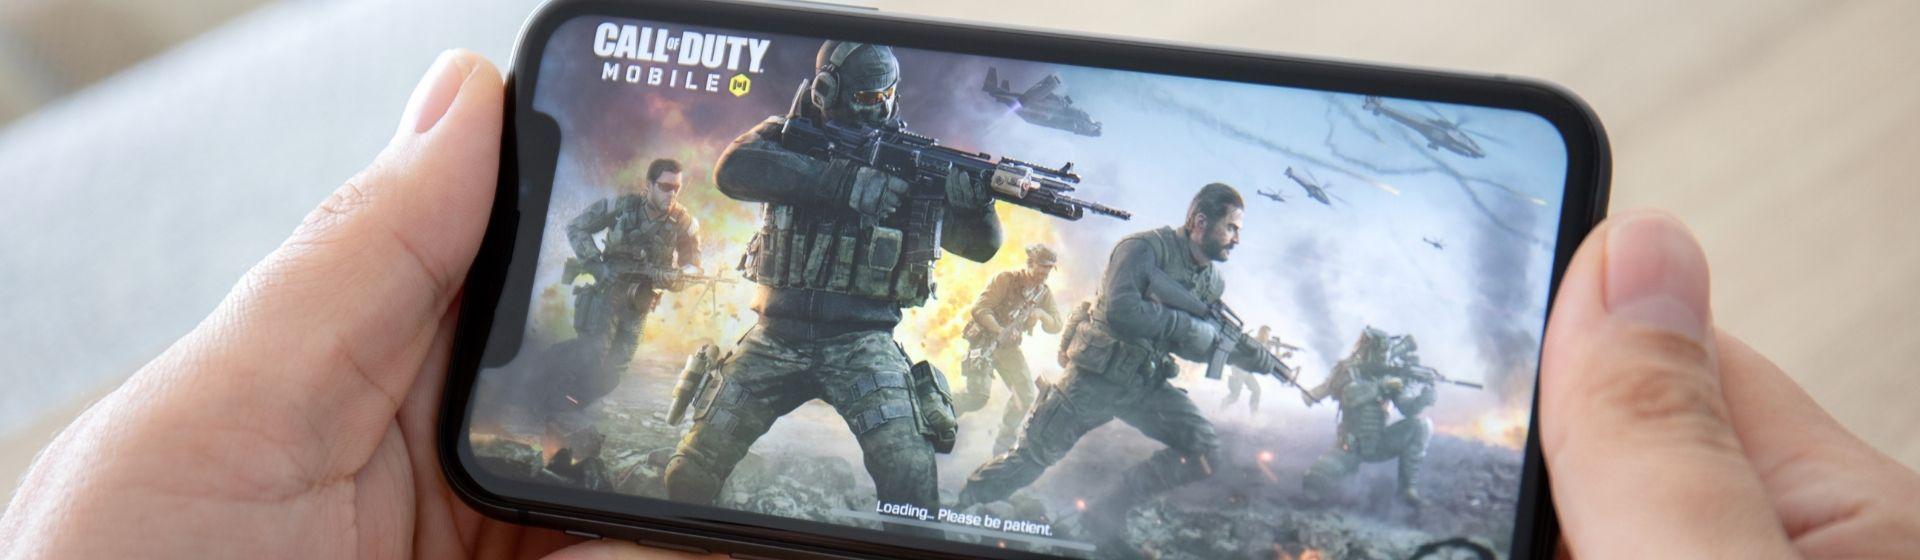 Os melhores jogos para iPhone